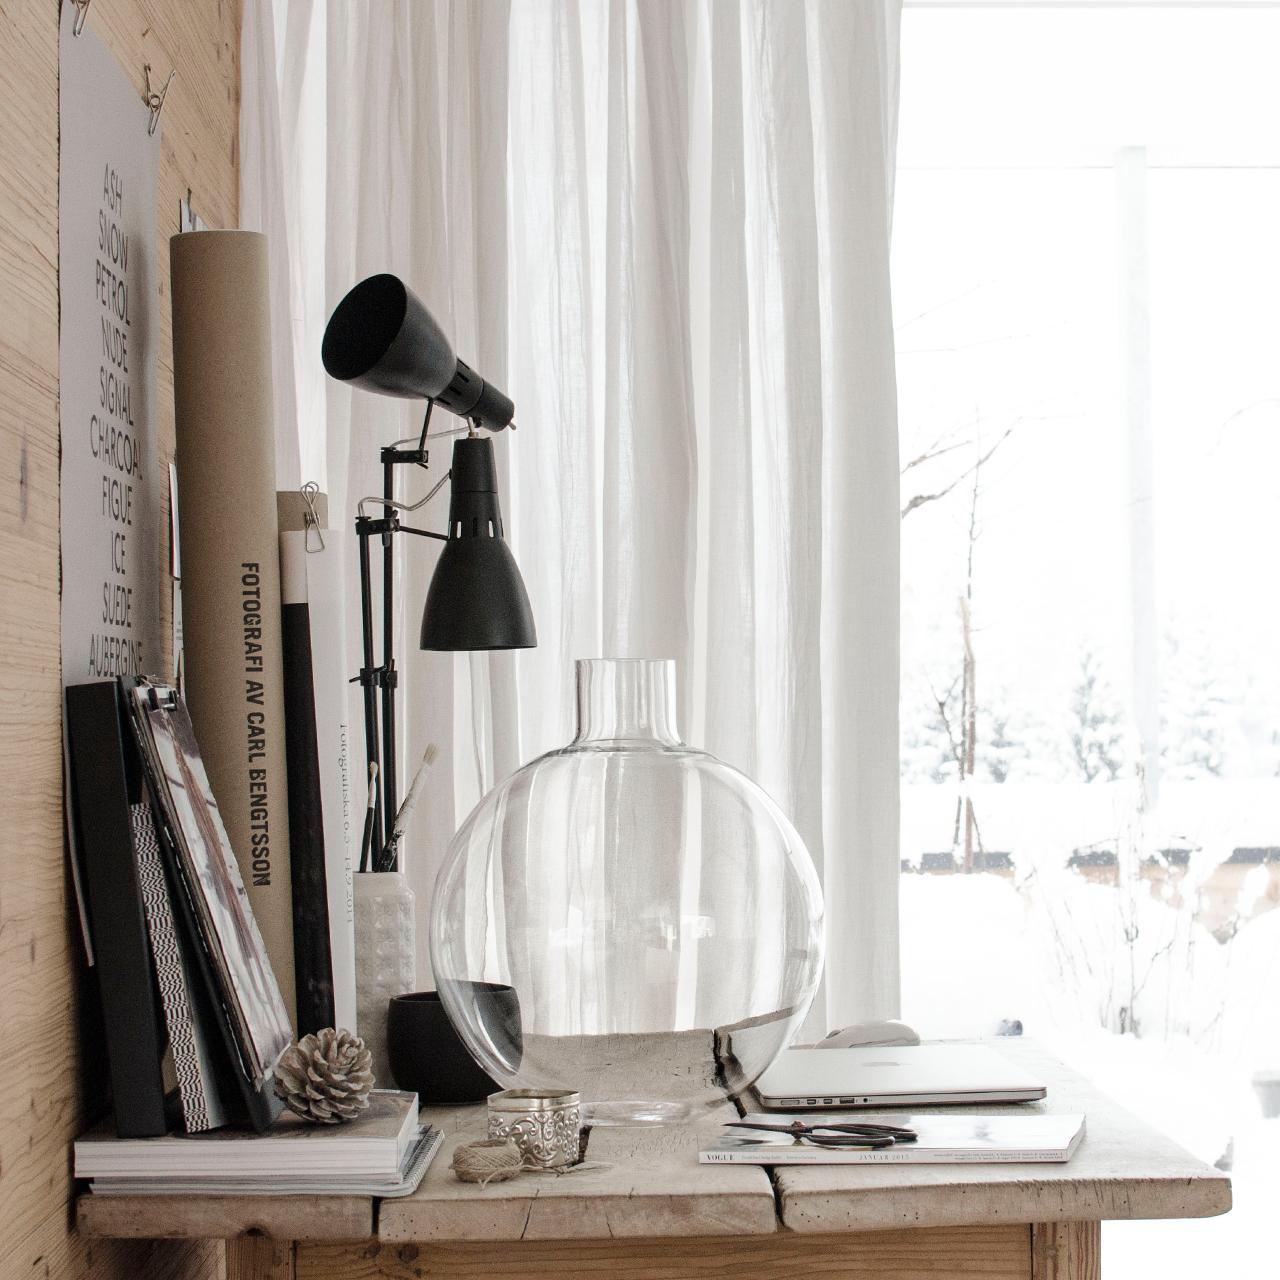 The Pallo Vase via HEIMELIG blog